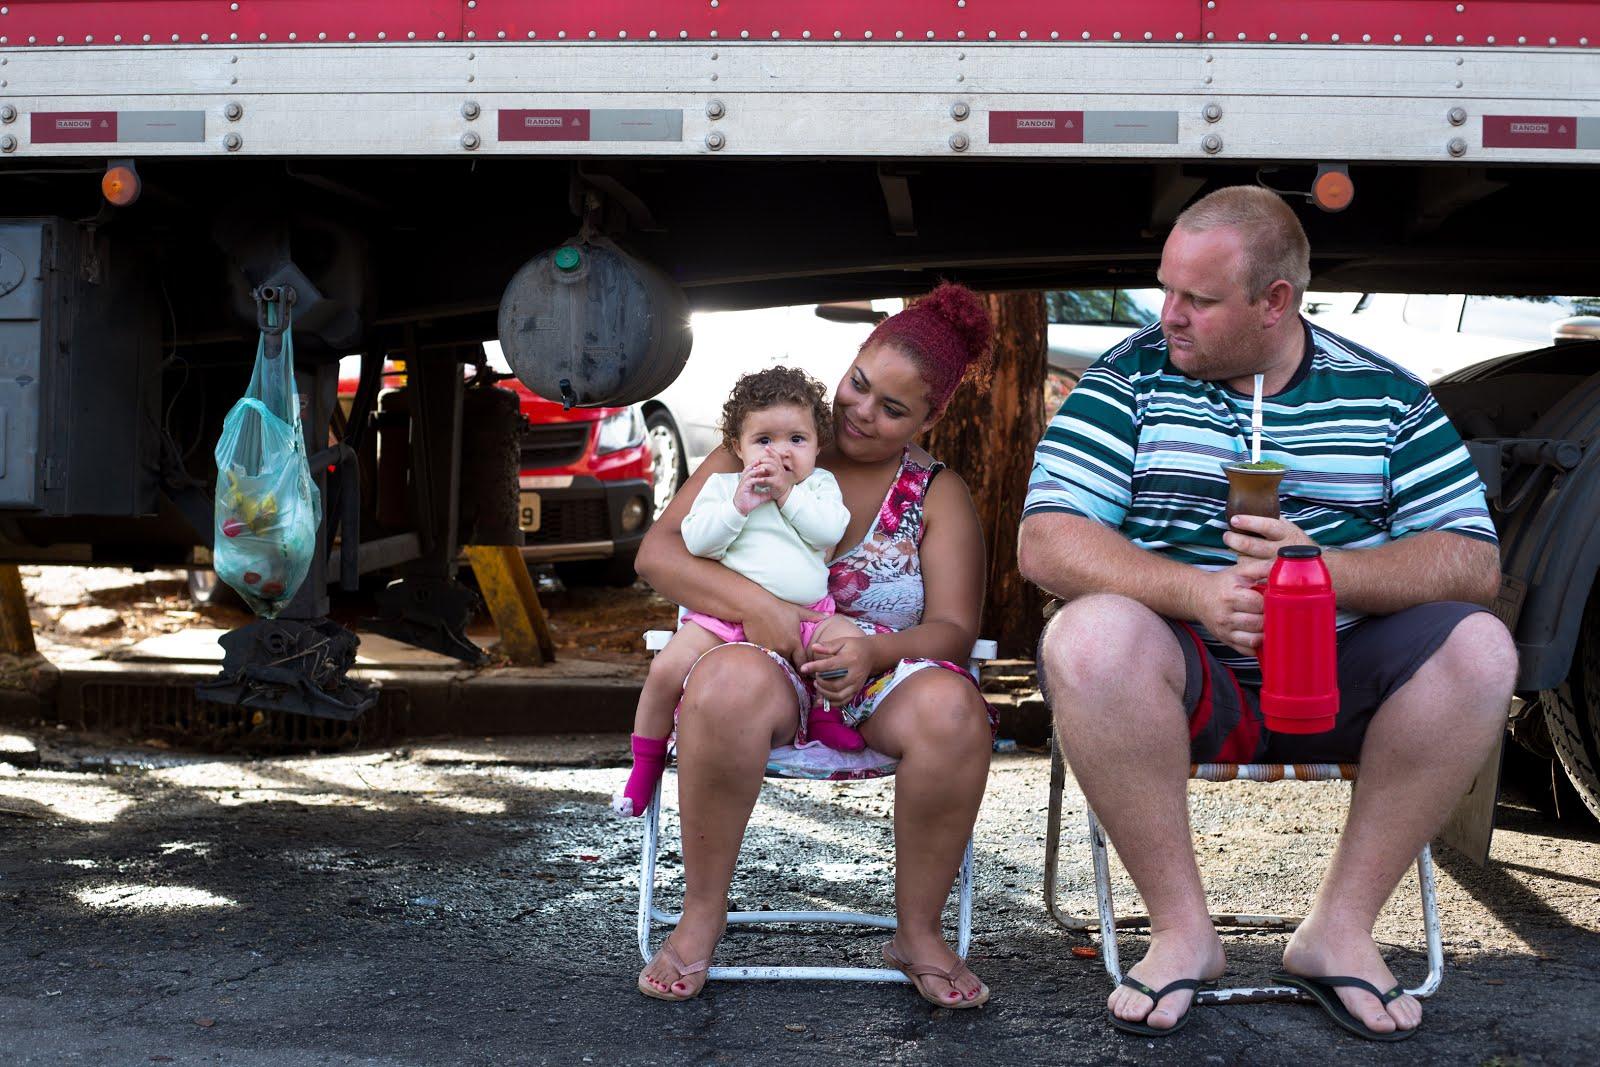 Pai caminhoneiro, família caminhoneira